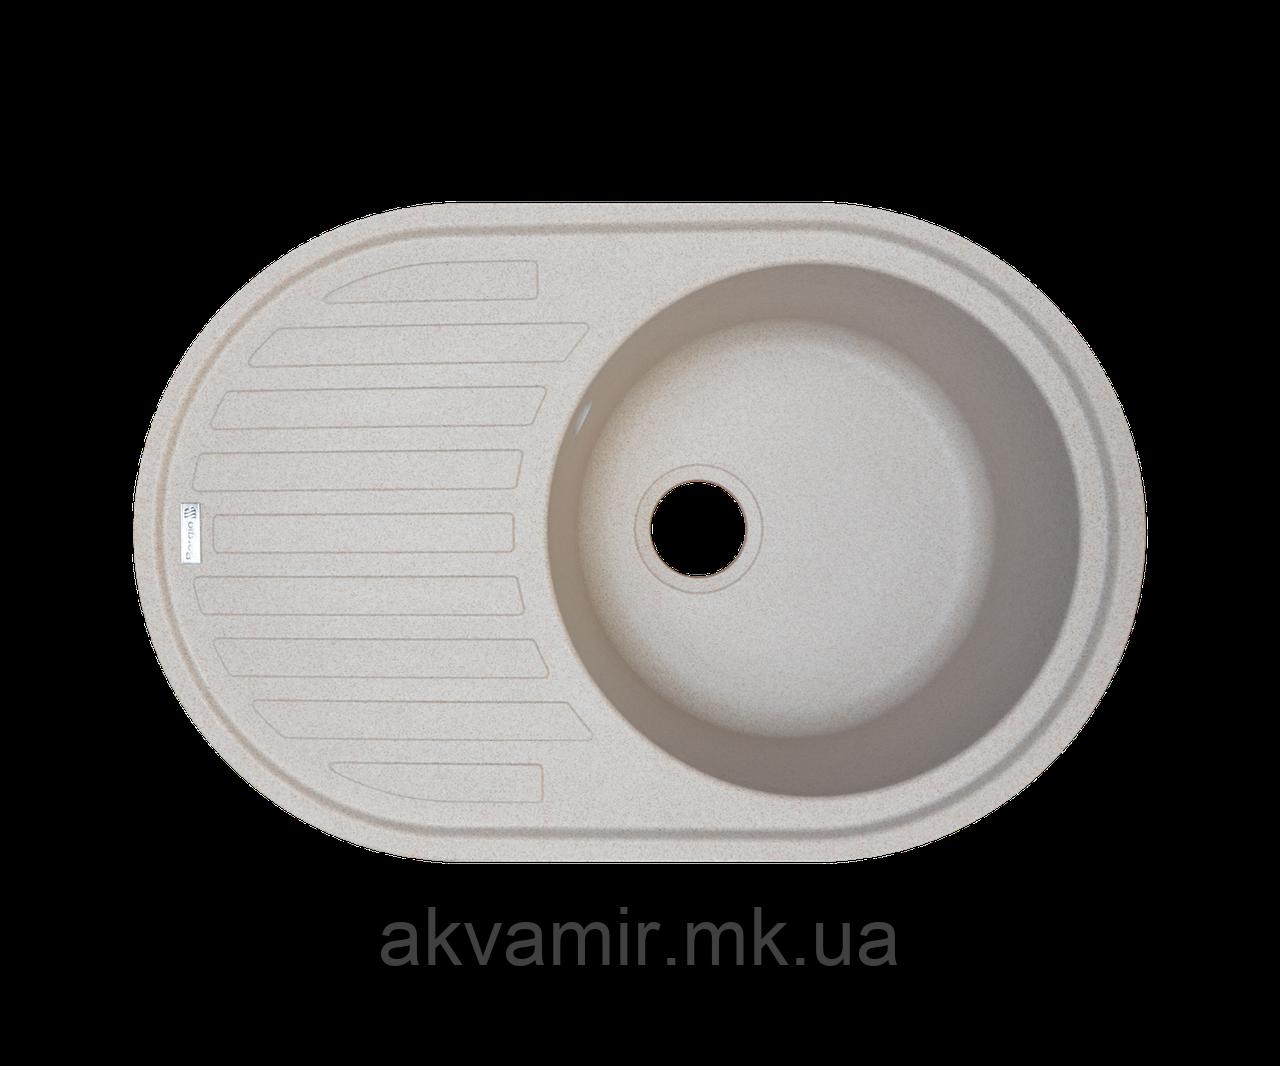 Кухонная мойка Borgio (гранит) OVM-770x500 (песчаный)